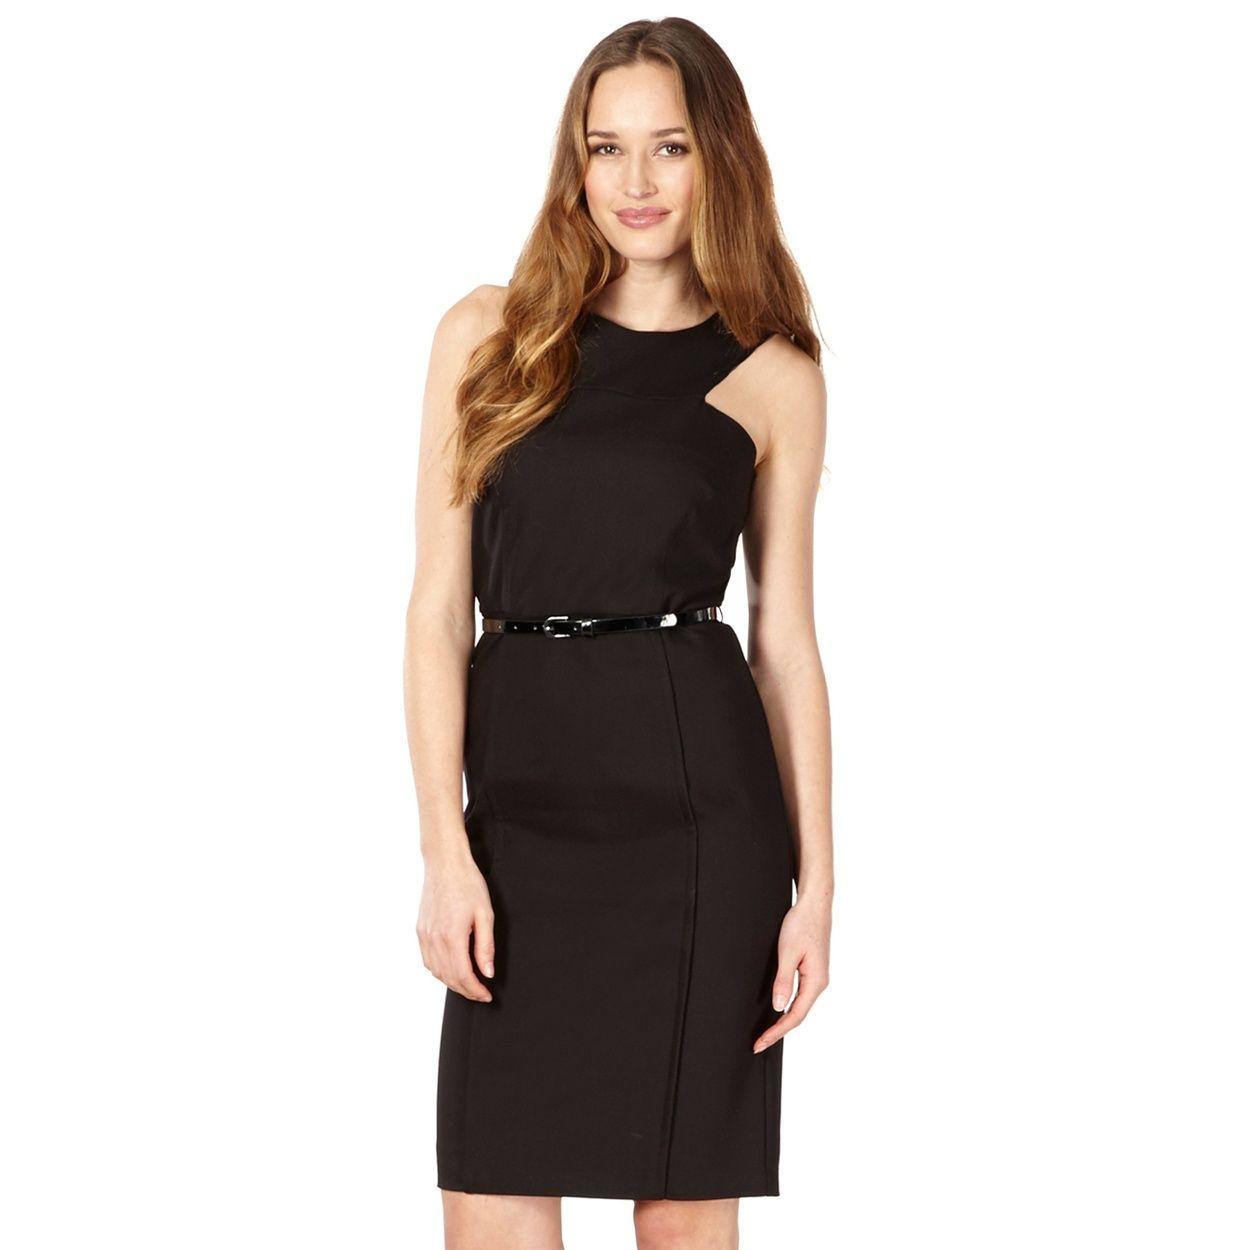 7fe9dc16329 Debenhams Black Evening Dresses - Data Dynamic AG